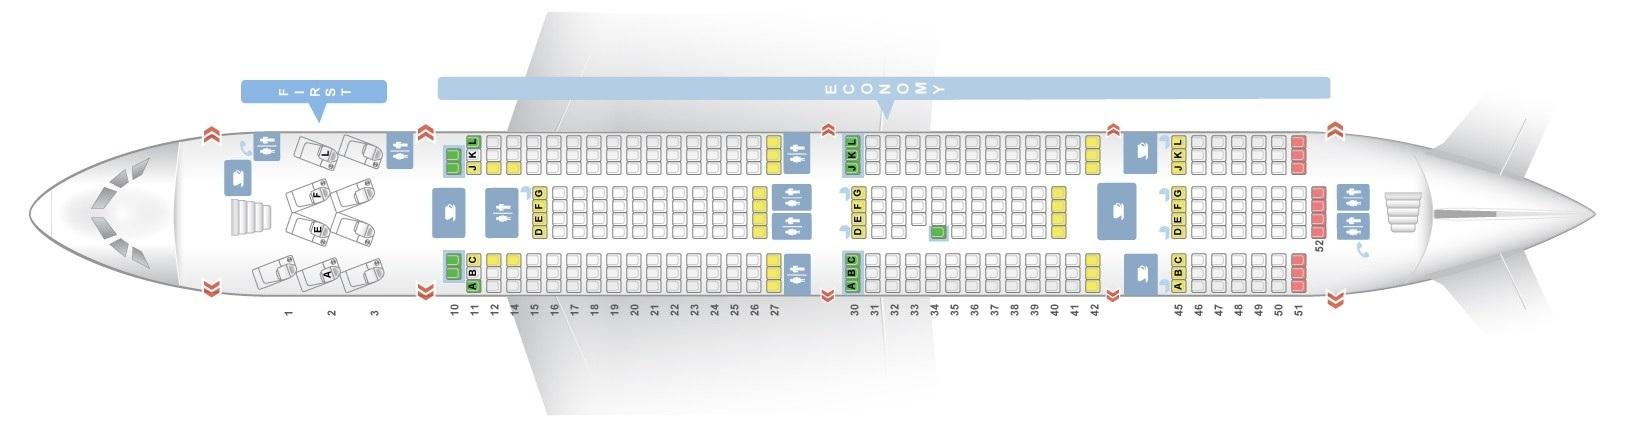 Air_France_Airbus_A380_1